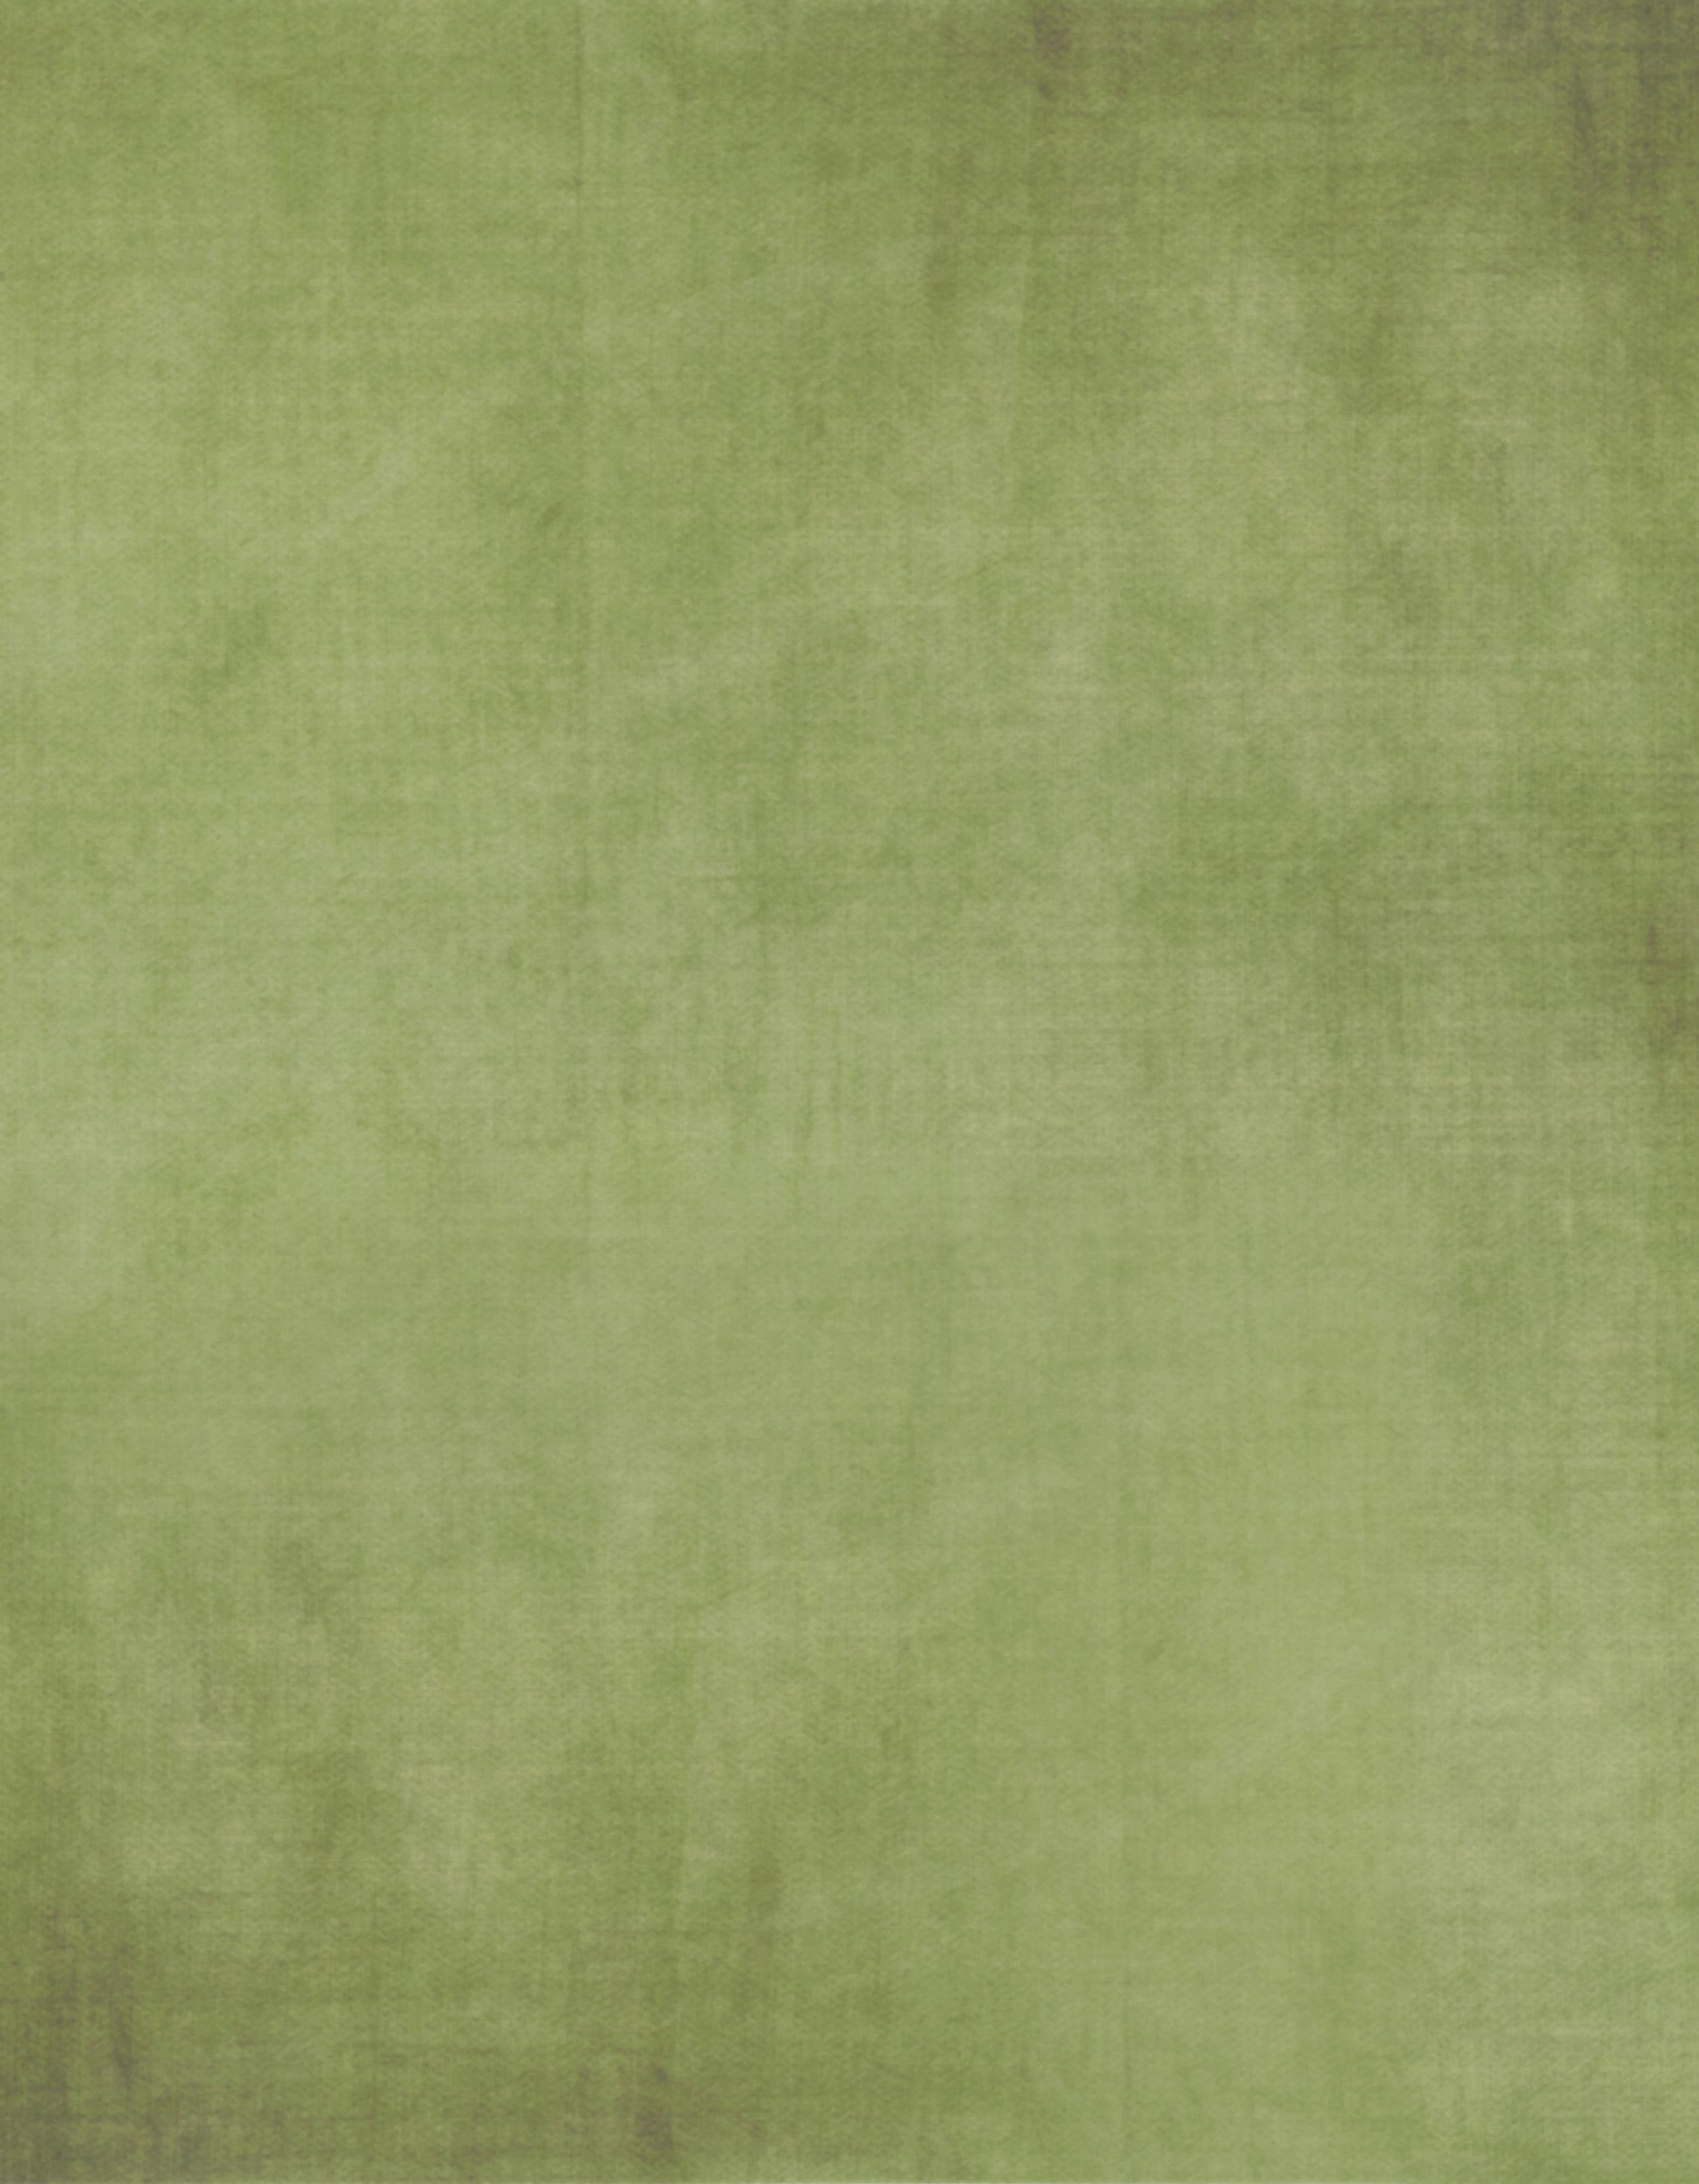 Organic Textures - B3006S